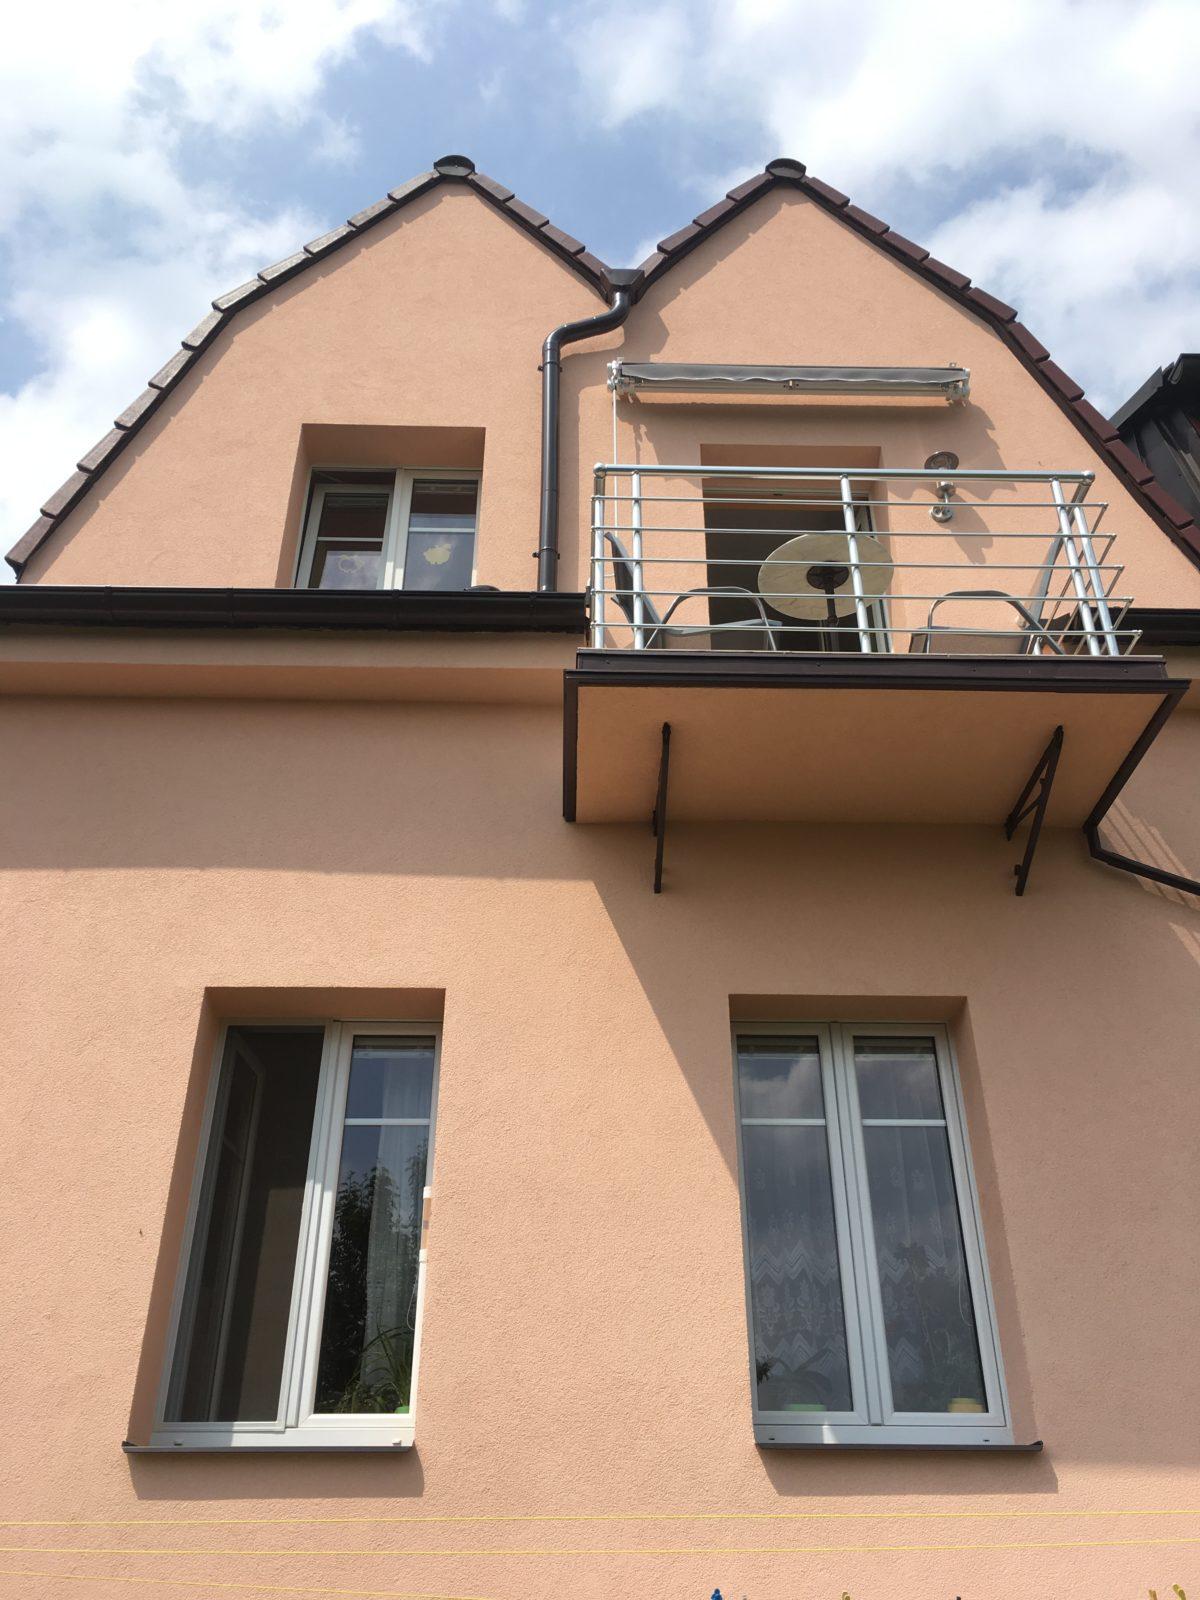 rekonstrukce domu praha 4